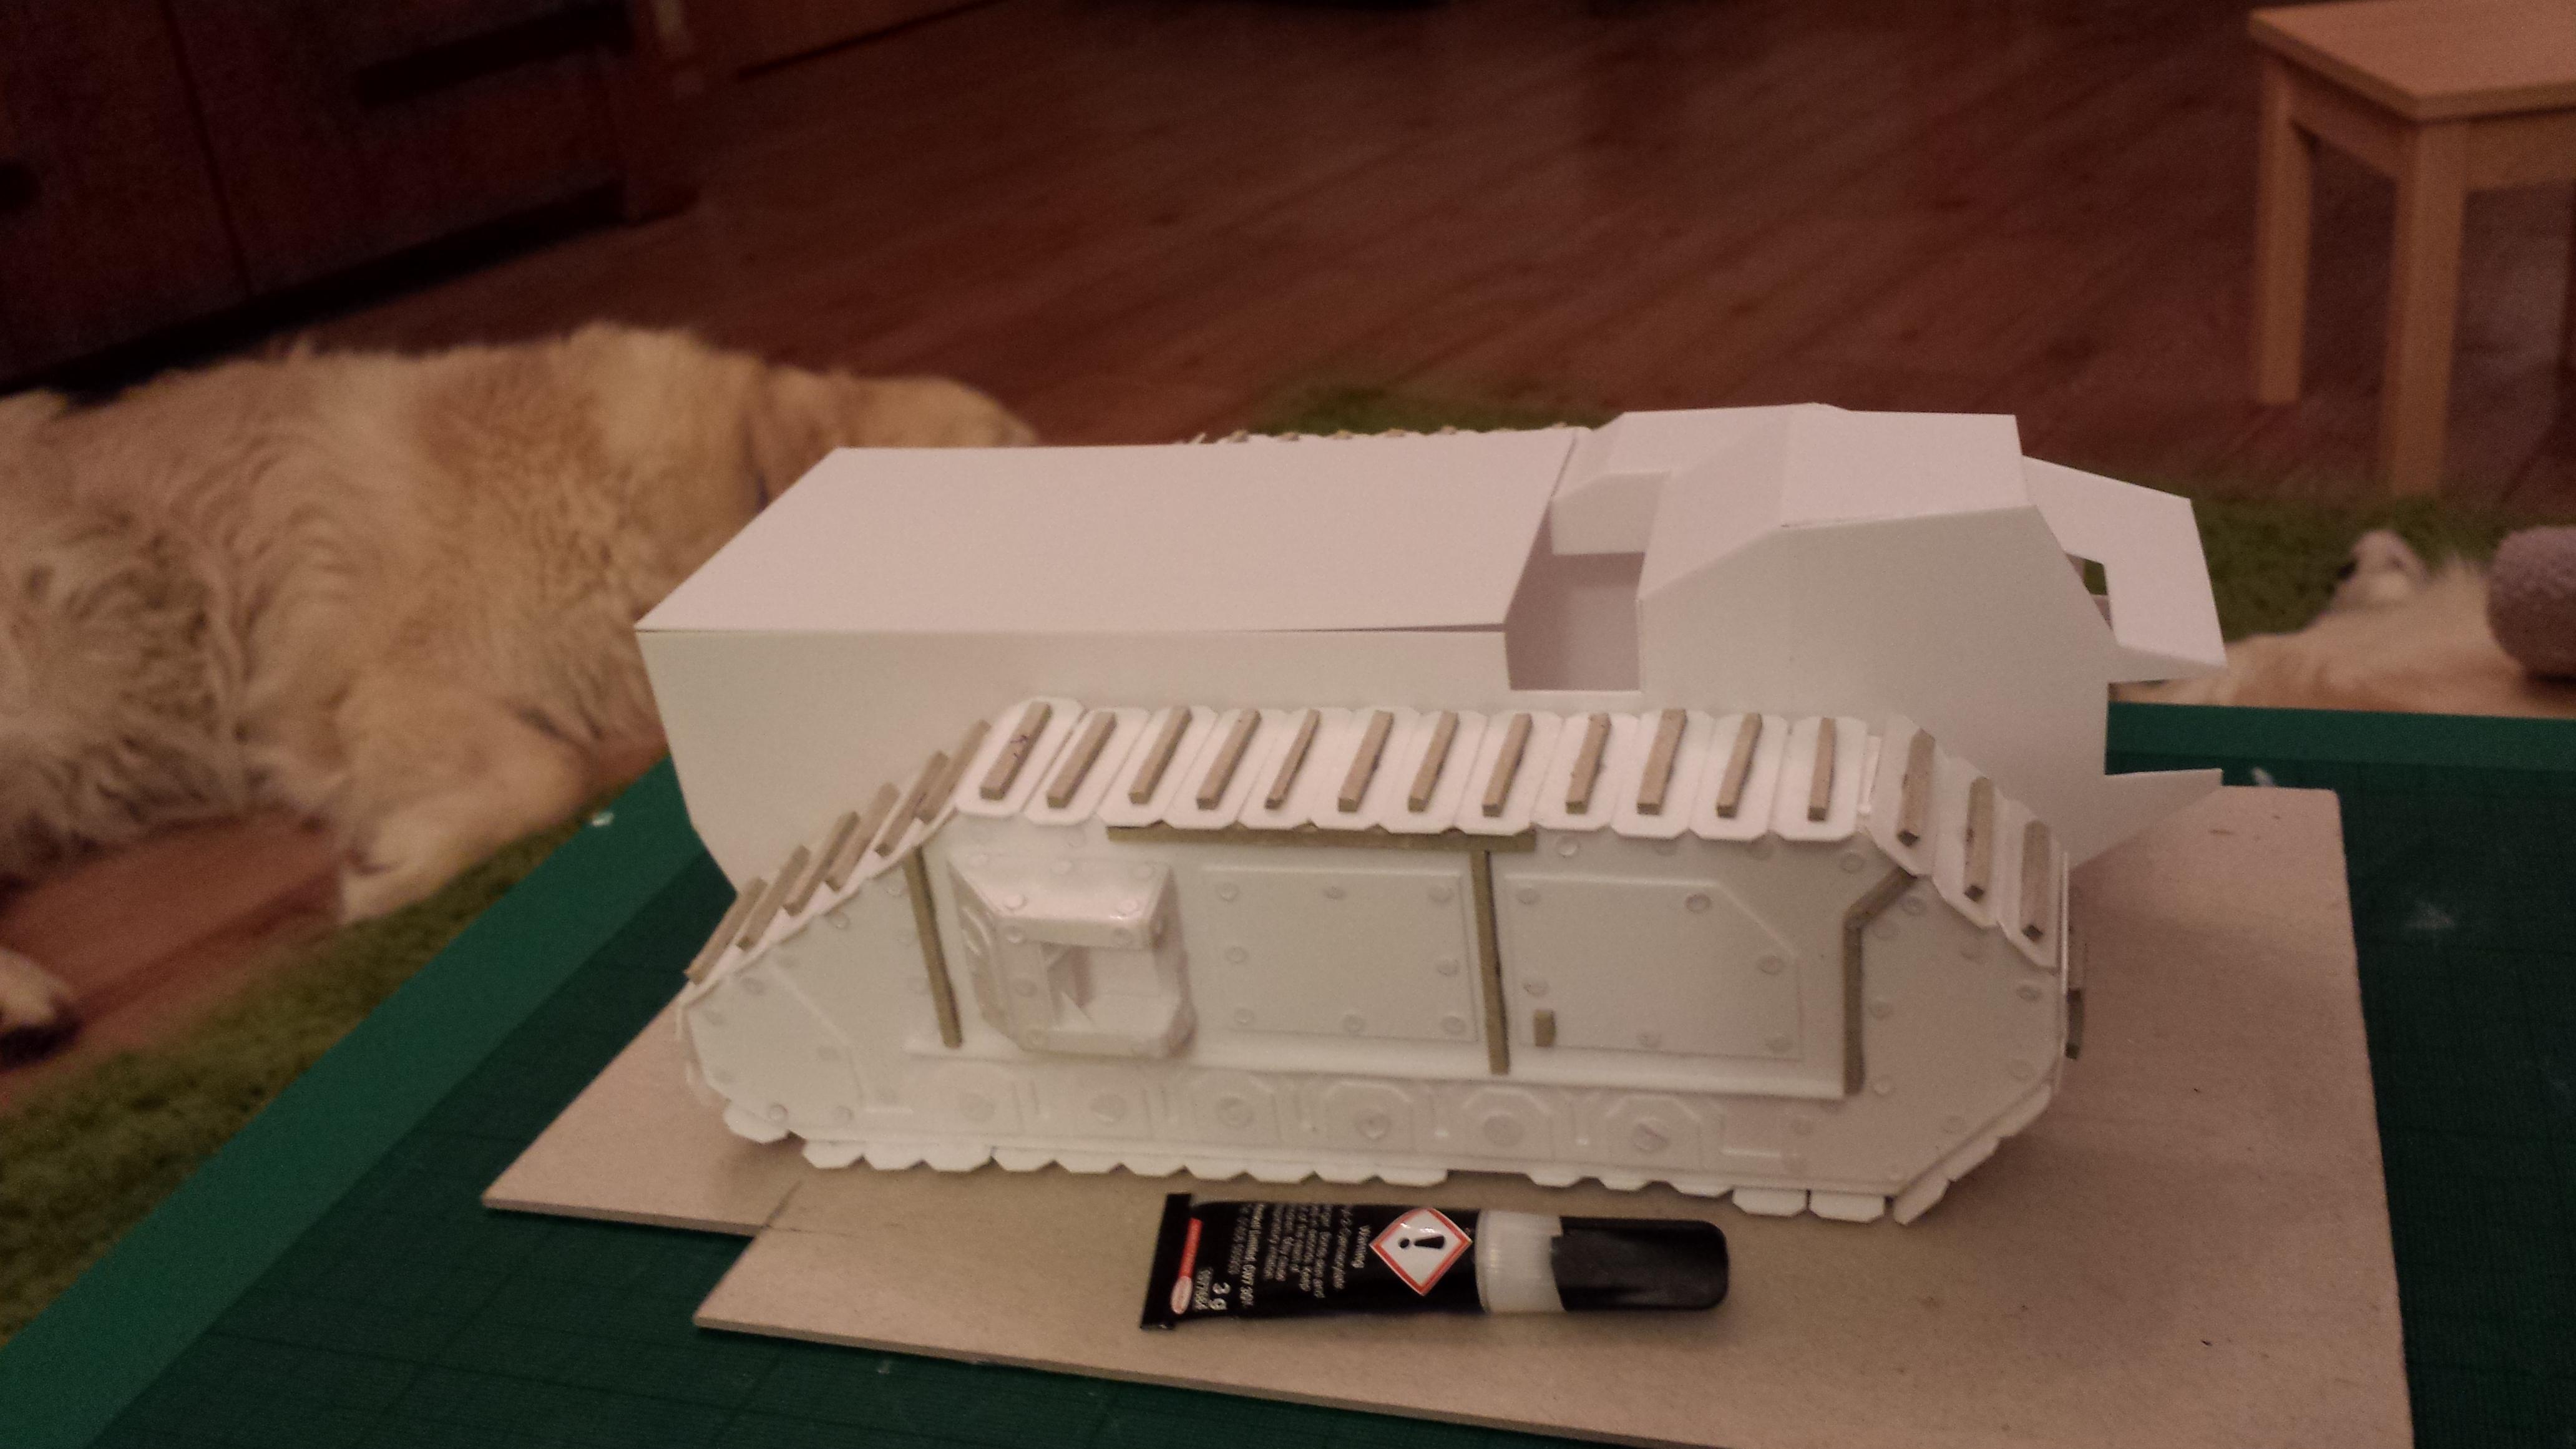 Crassus, Crassus Armoured Assault, Imperial Guard, Troop Carrier